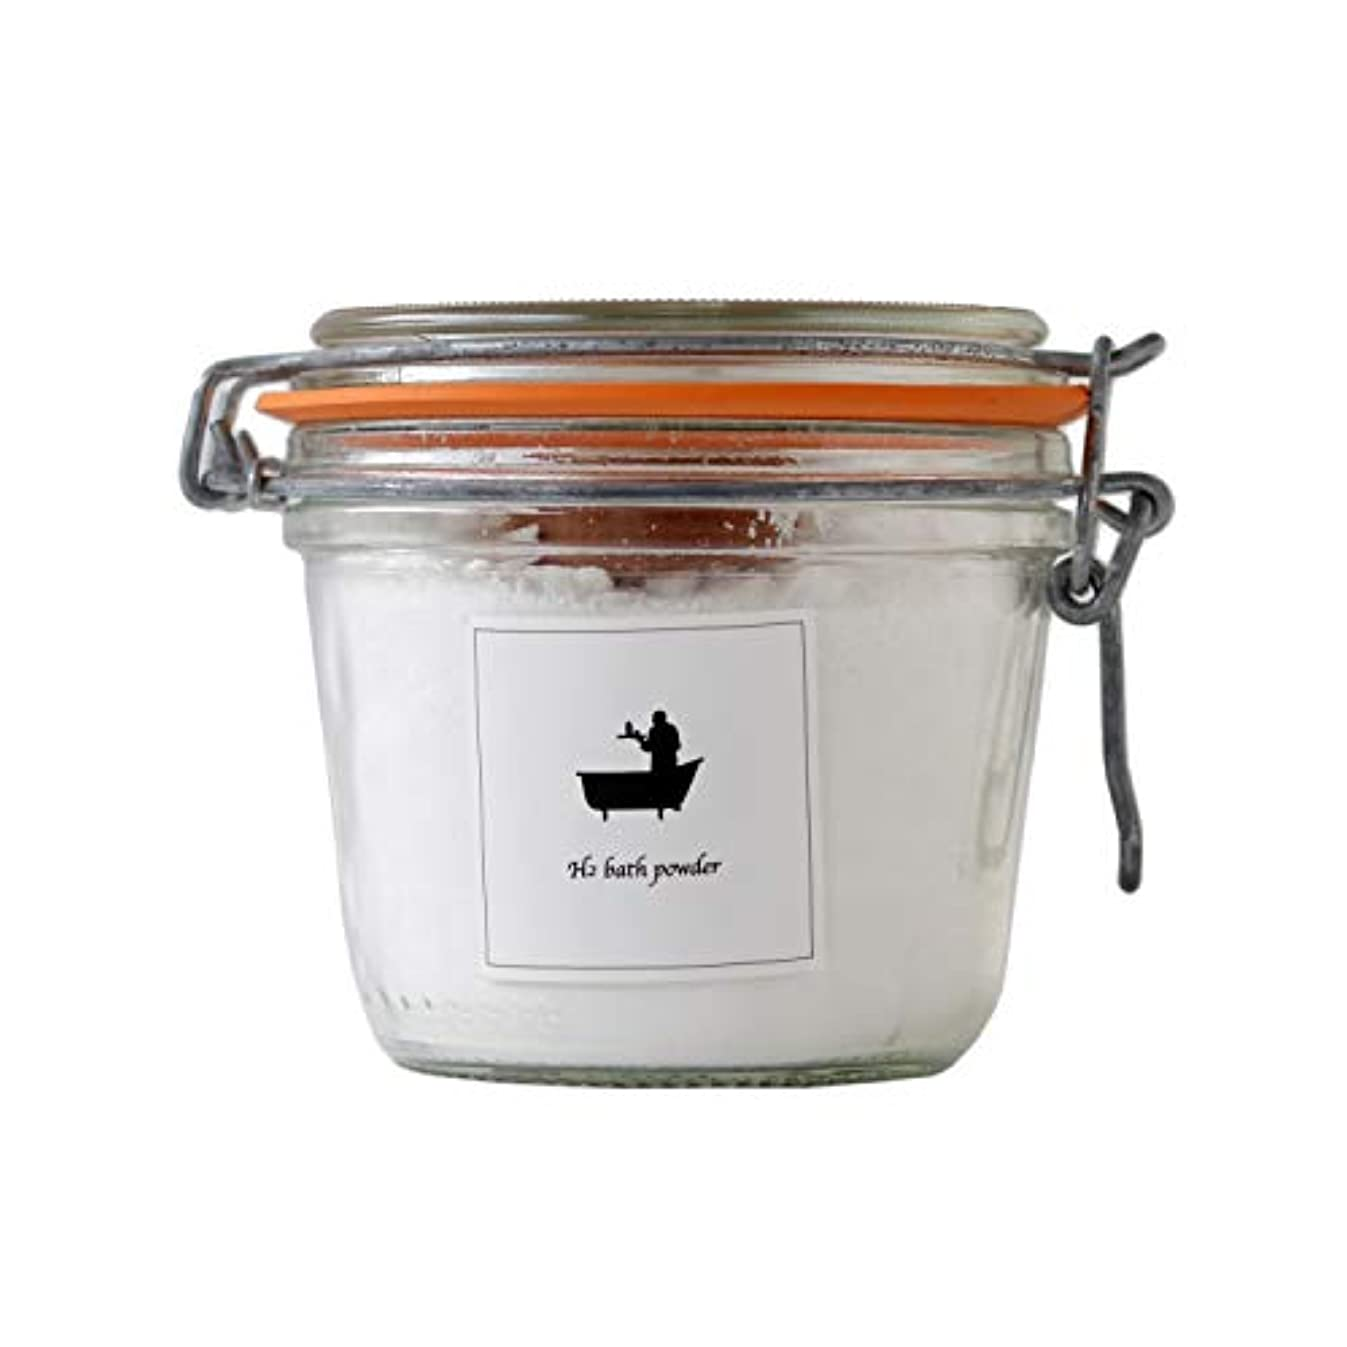 動機付ける叫び声配る水素入浴剤「BATHLIER H2 bath powder」RDモイストバスパウダー/ジャータイプ